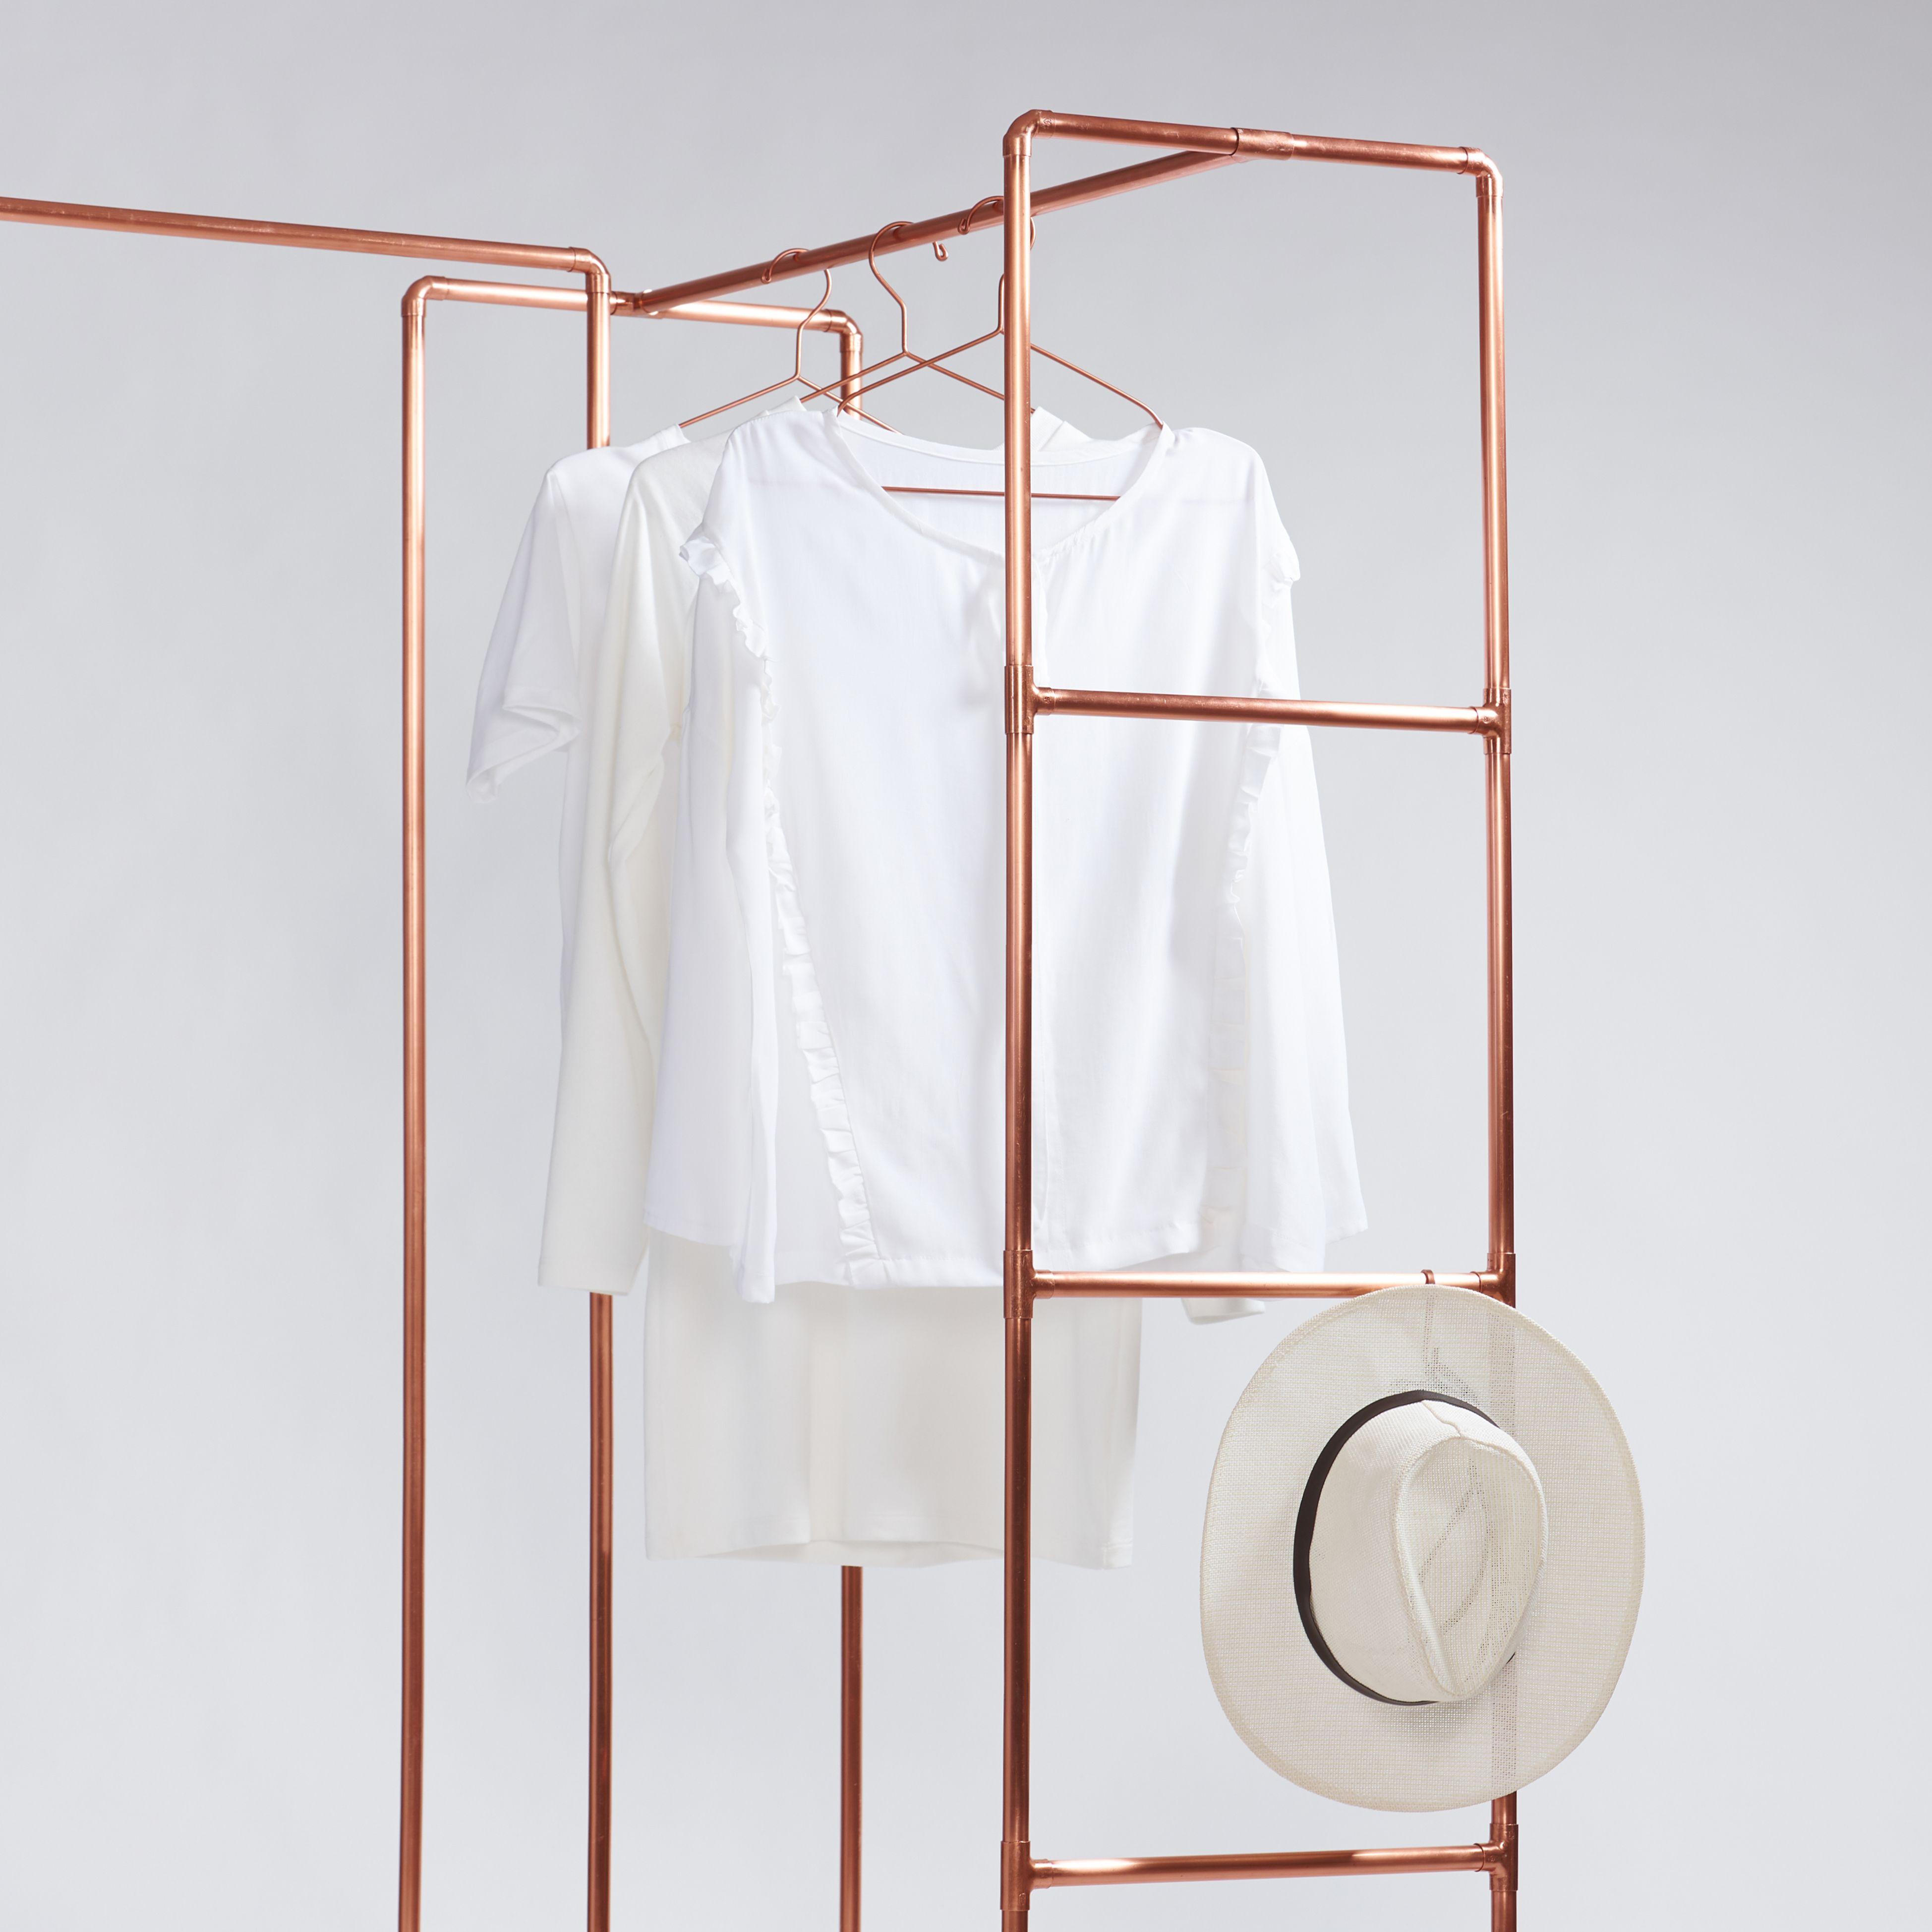 Stoisko Z Wieszakami Z Miedzianych Rurek Pokrowiec Gratis Copper Diy Clothing Store Displays Retail Display